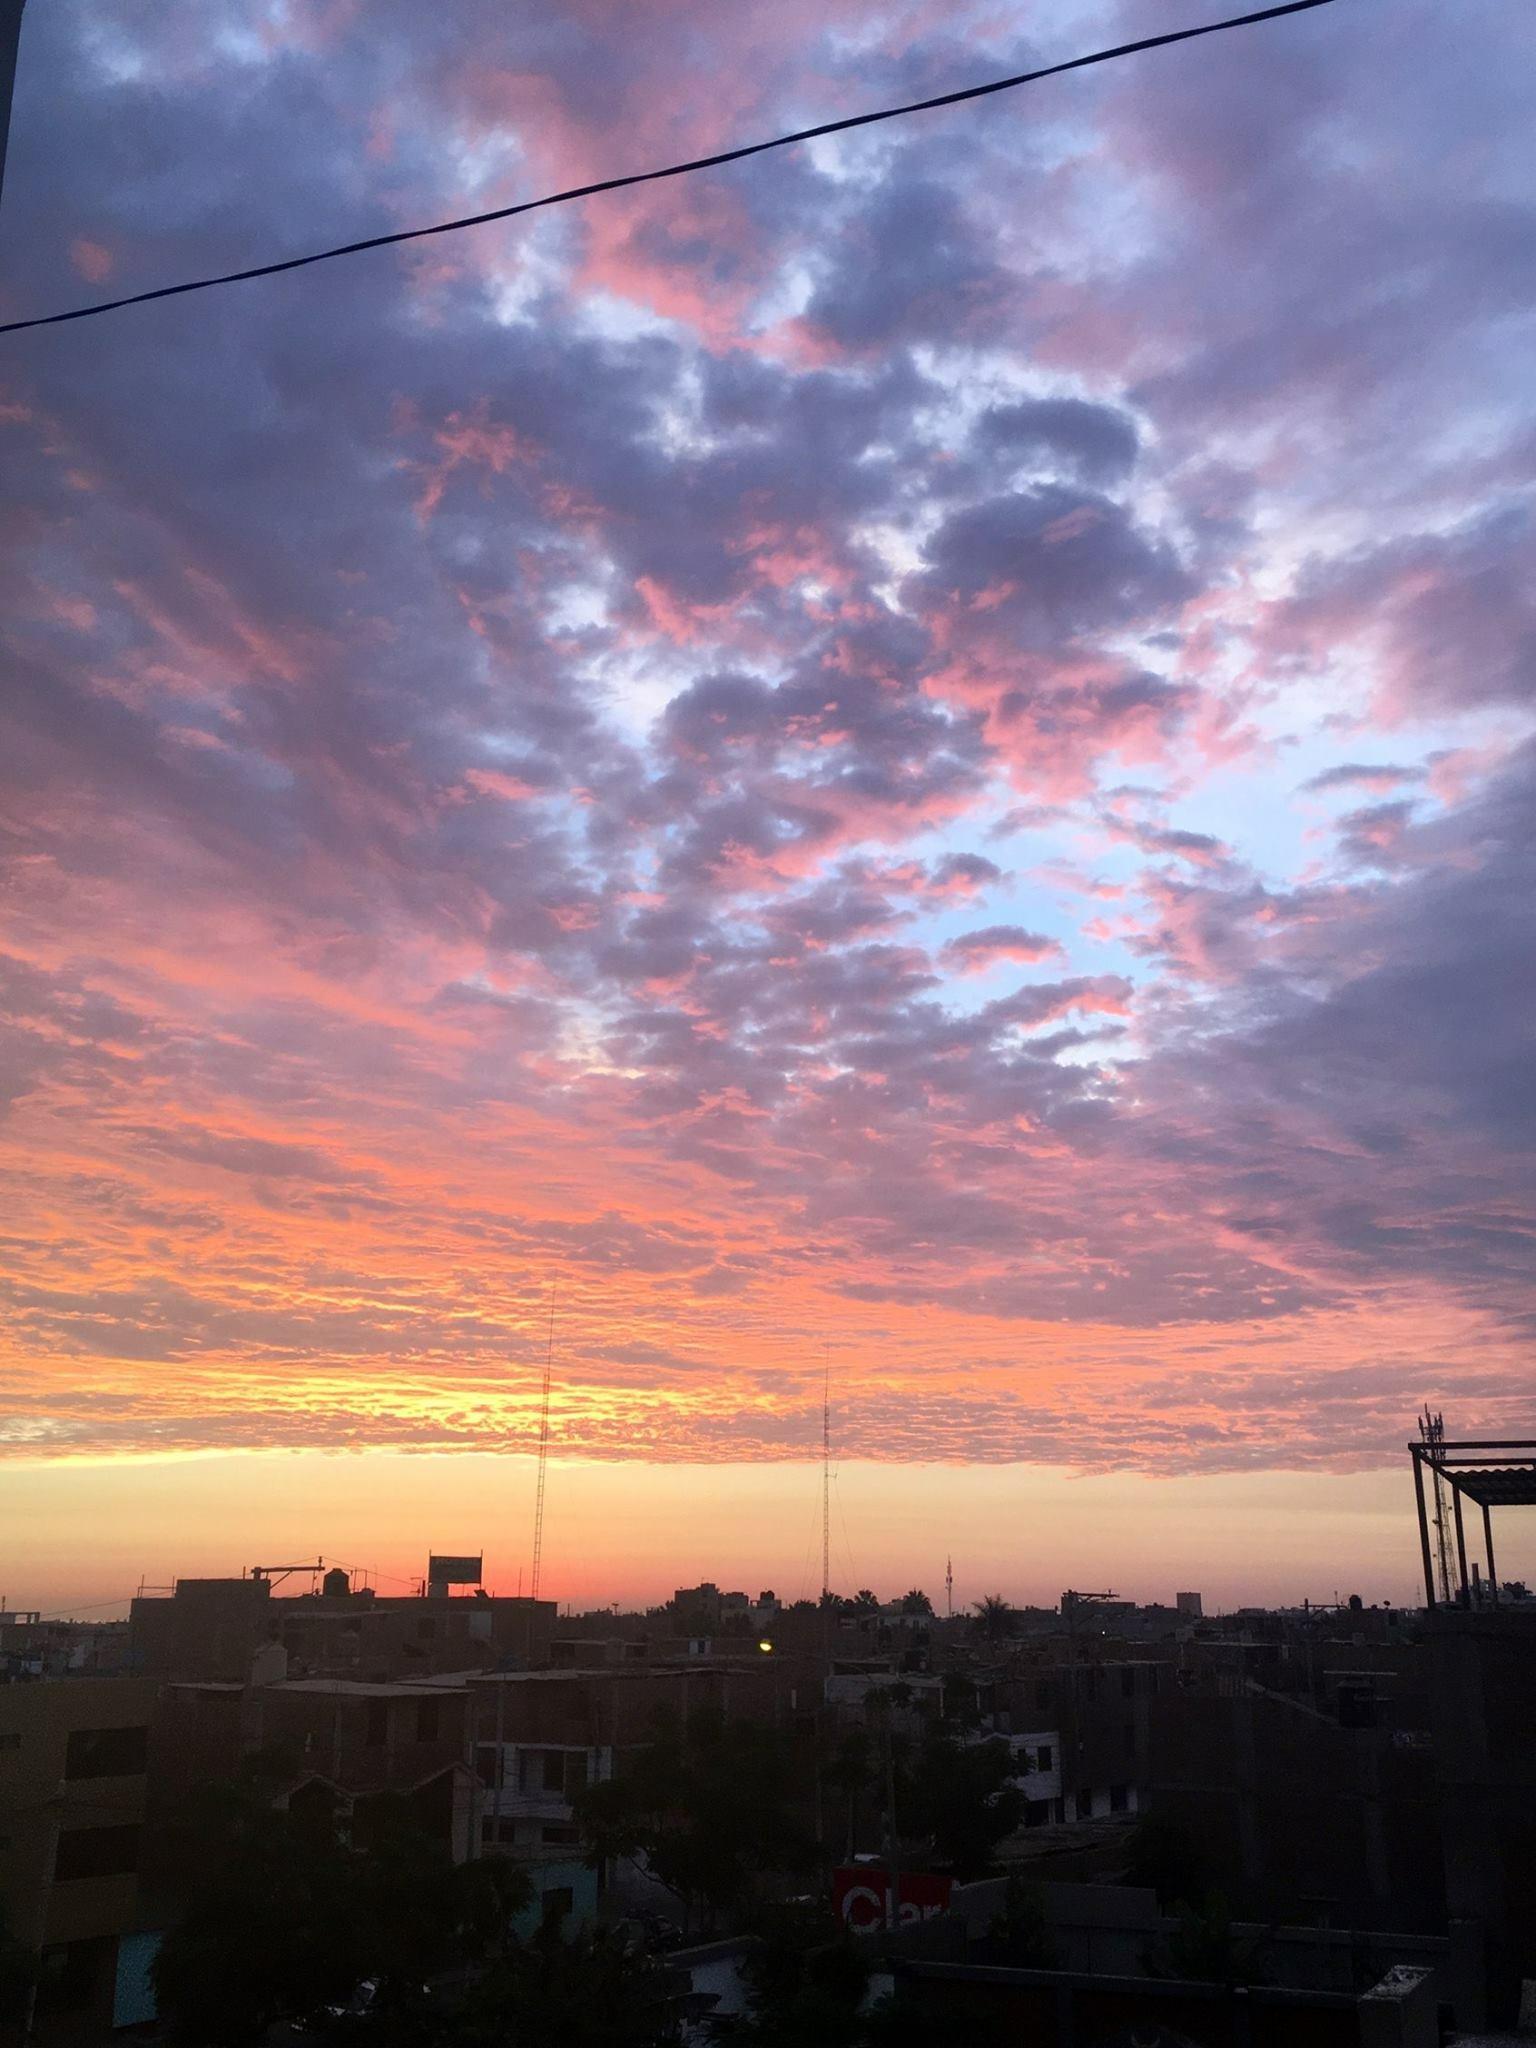 Sunset in Trujillo, Peru